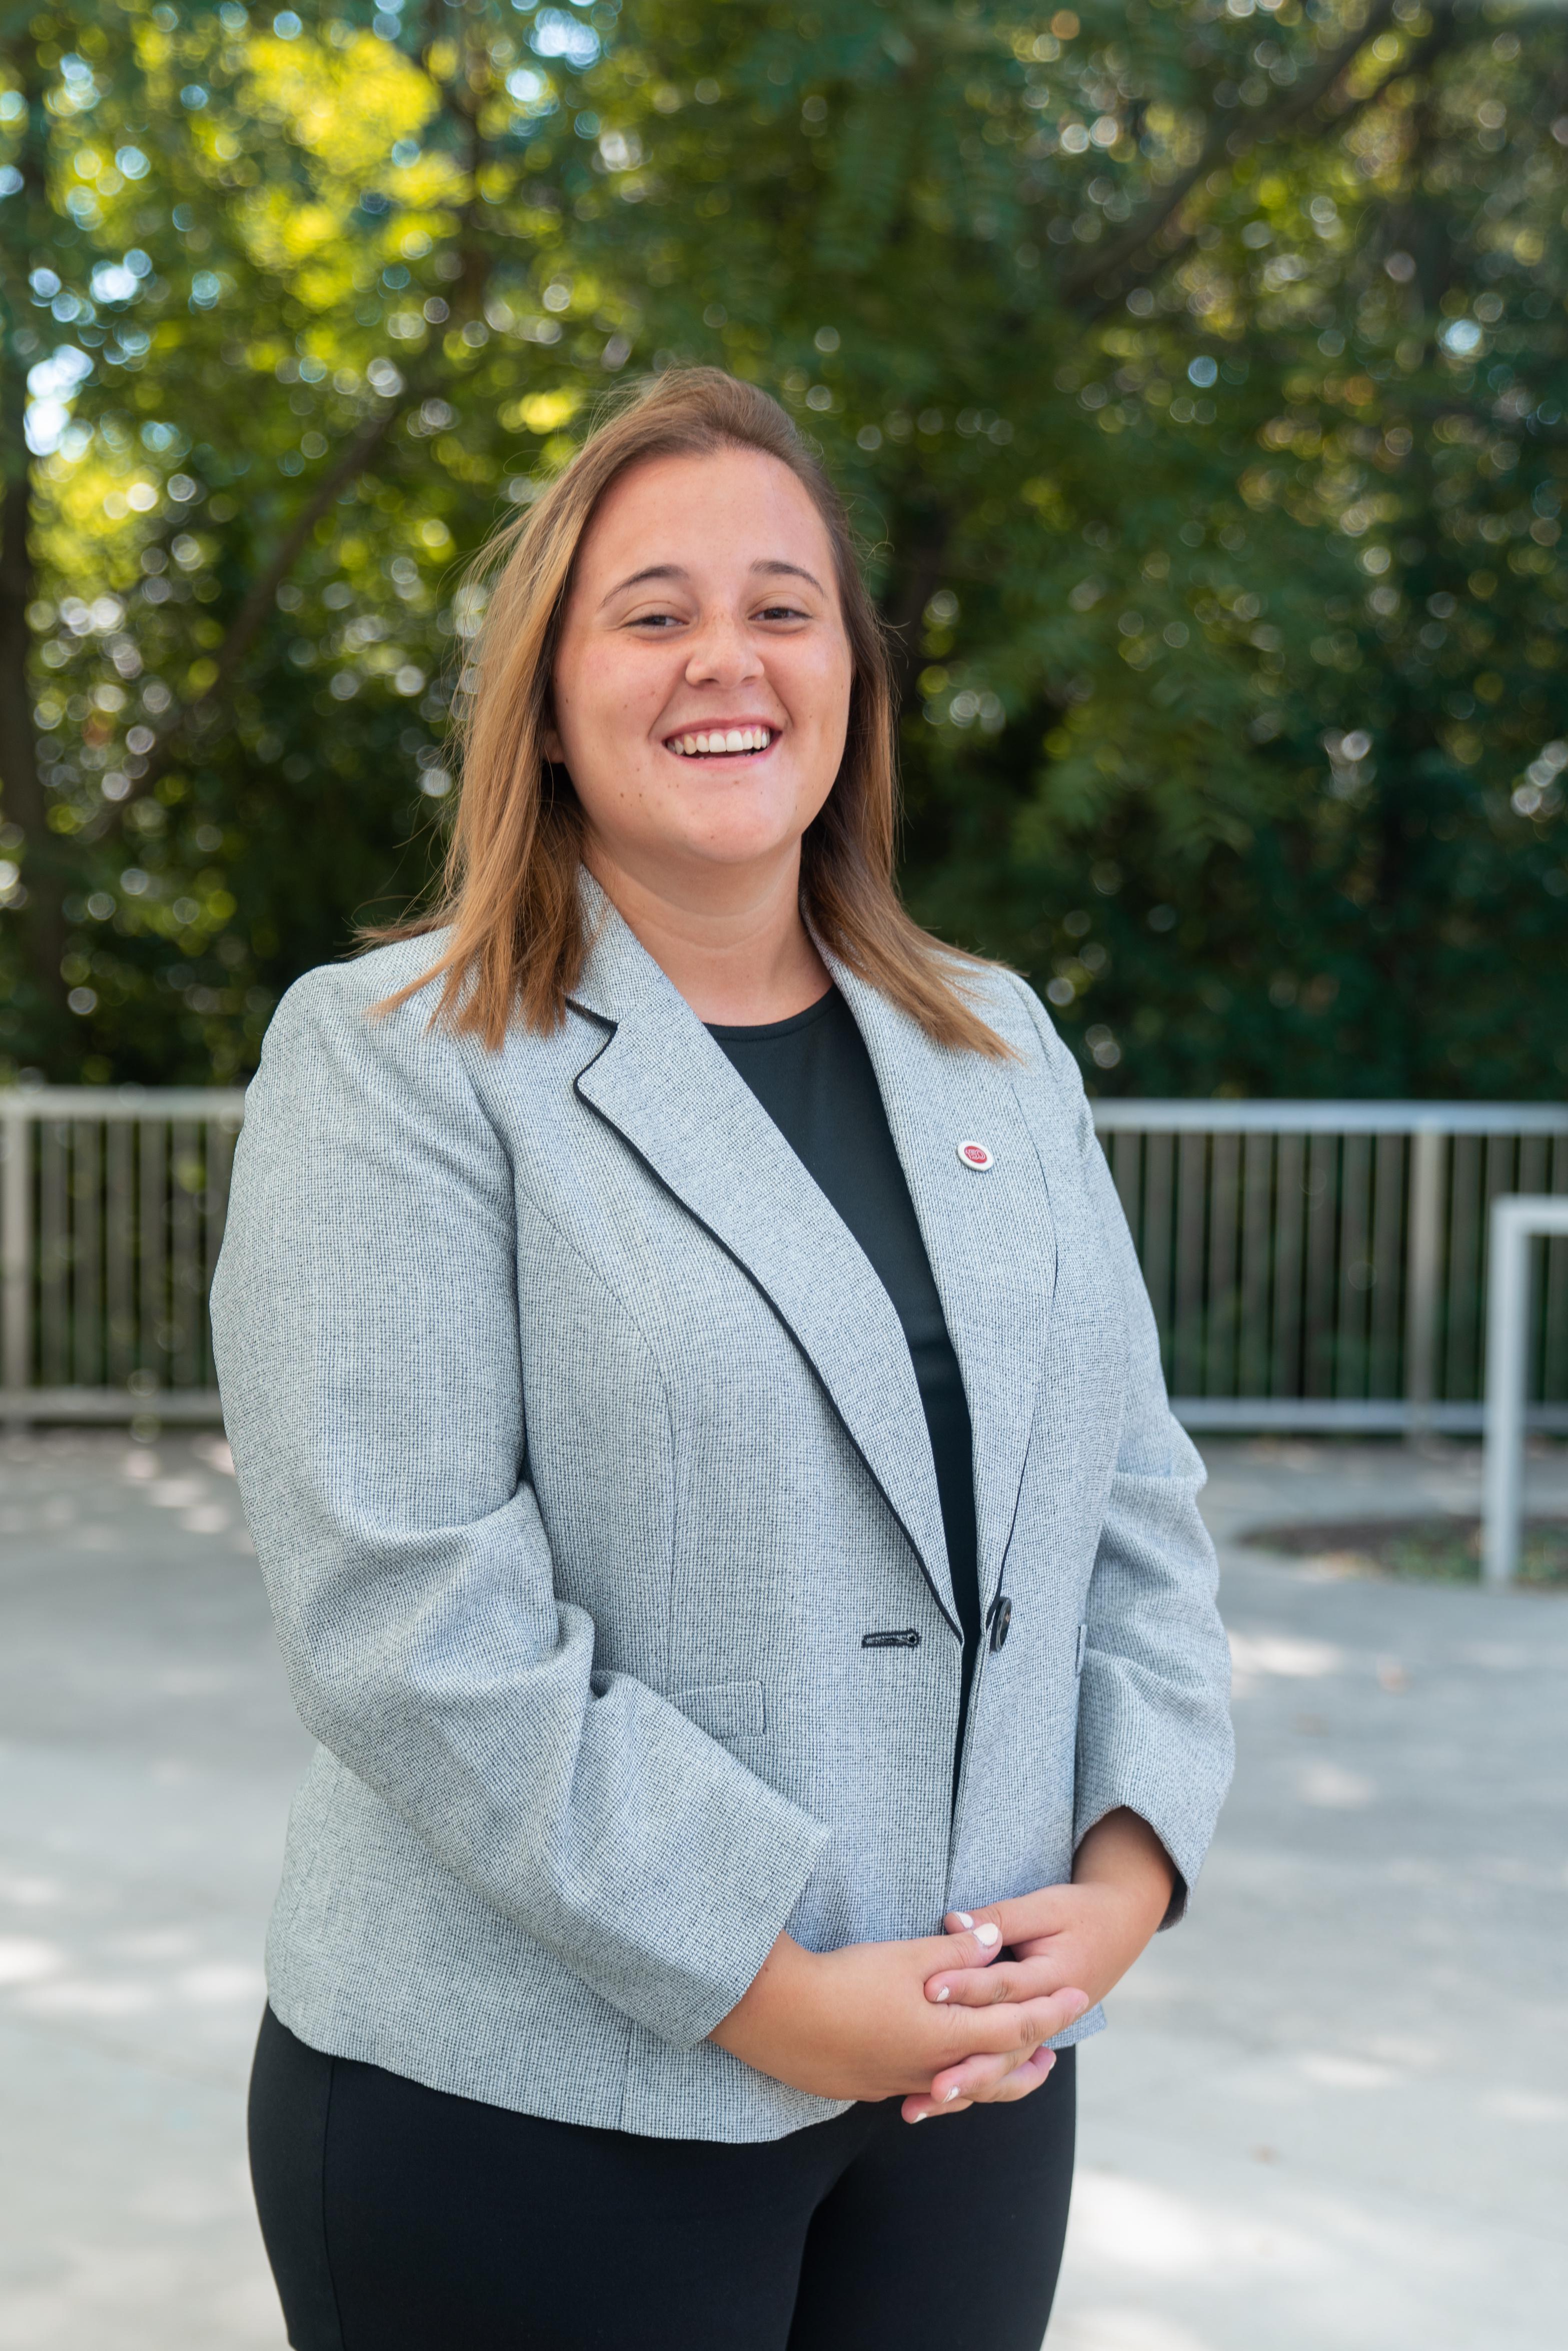 Nicole Mazullo